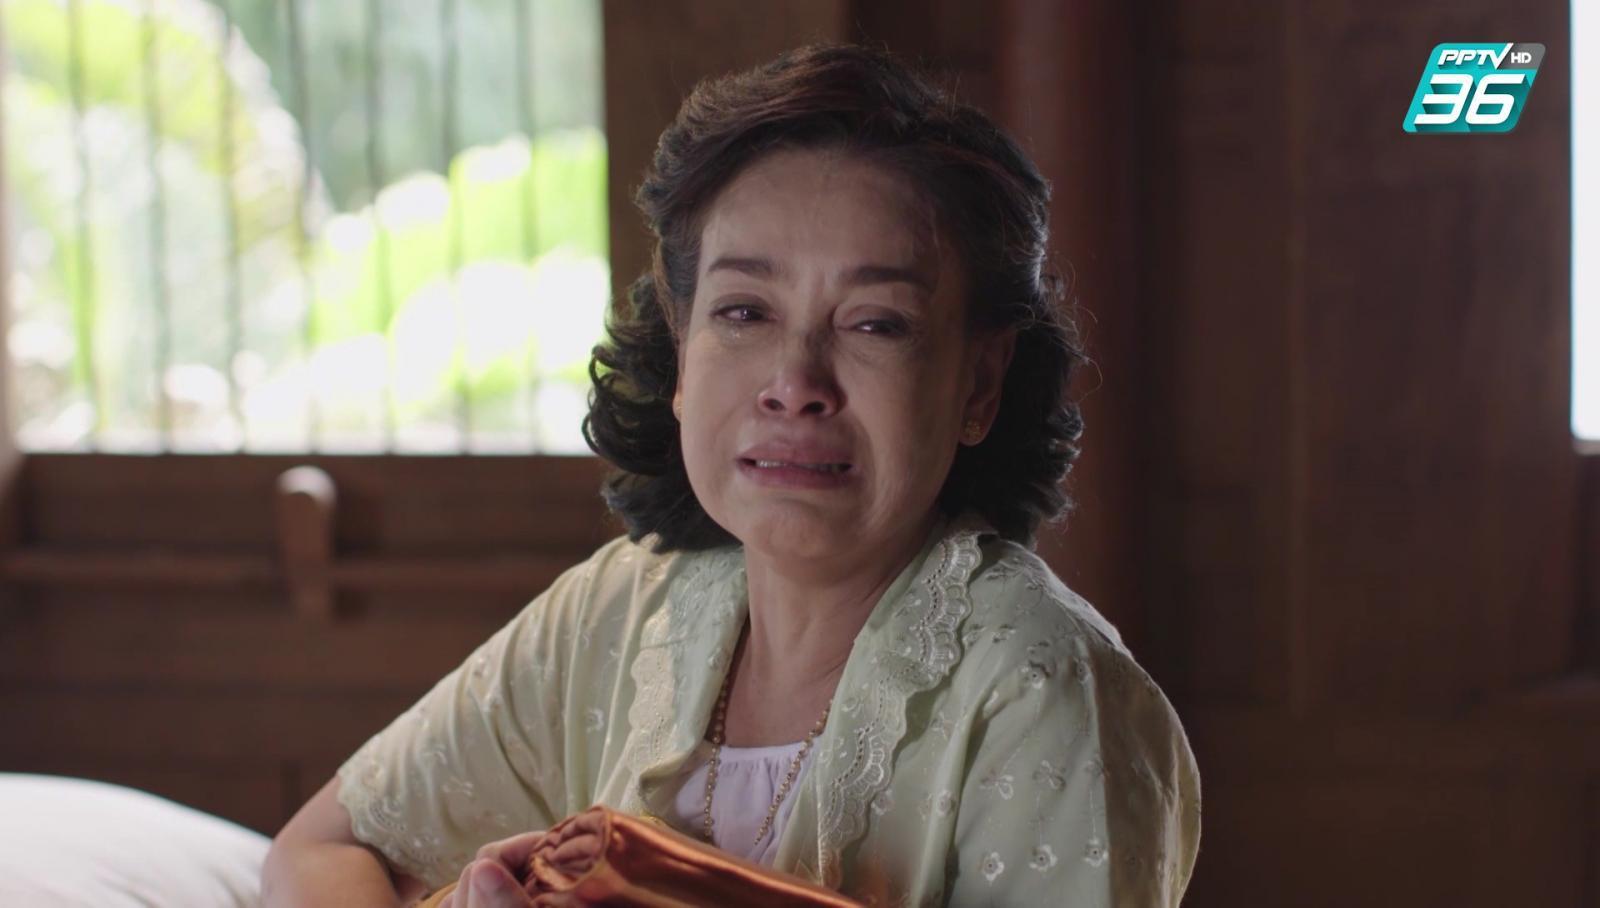 ฟินสุด | น้ำตาแม่ | มนตรามหาเสน่ห์ EP.20 | PPTV HD 36